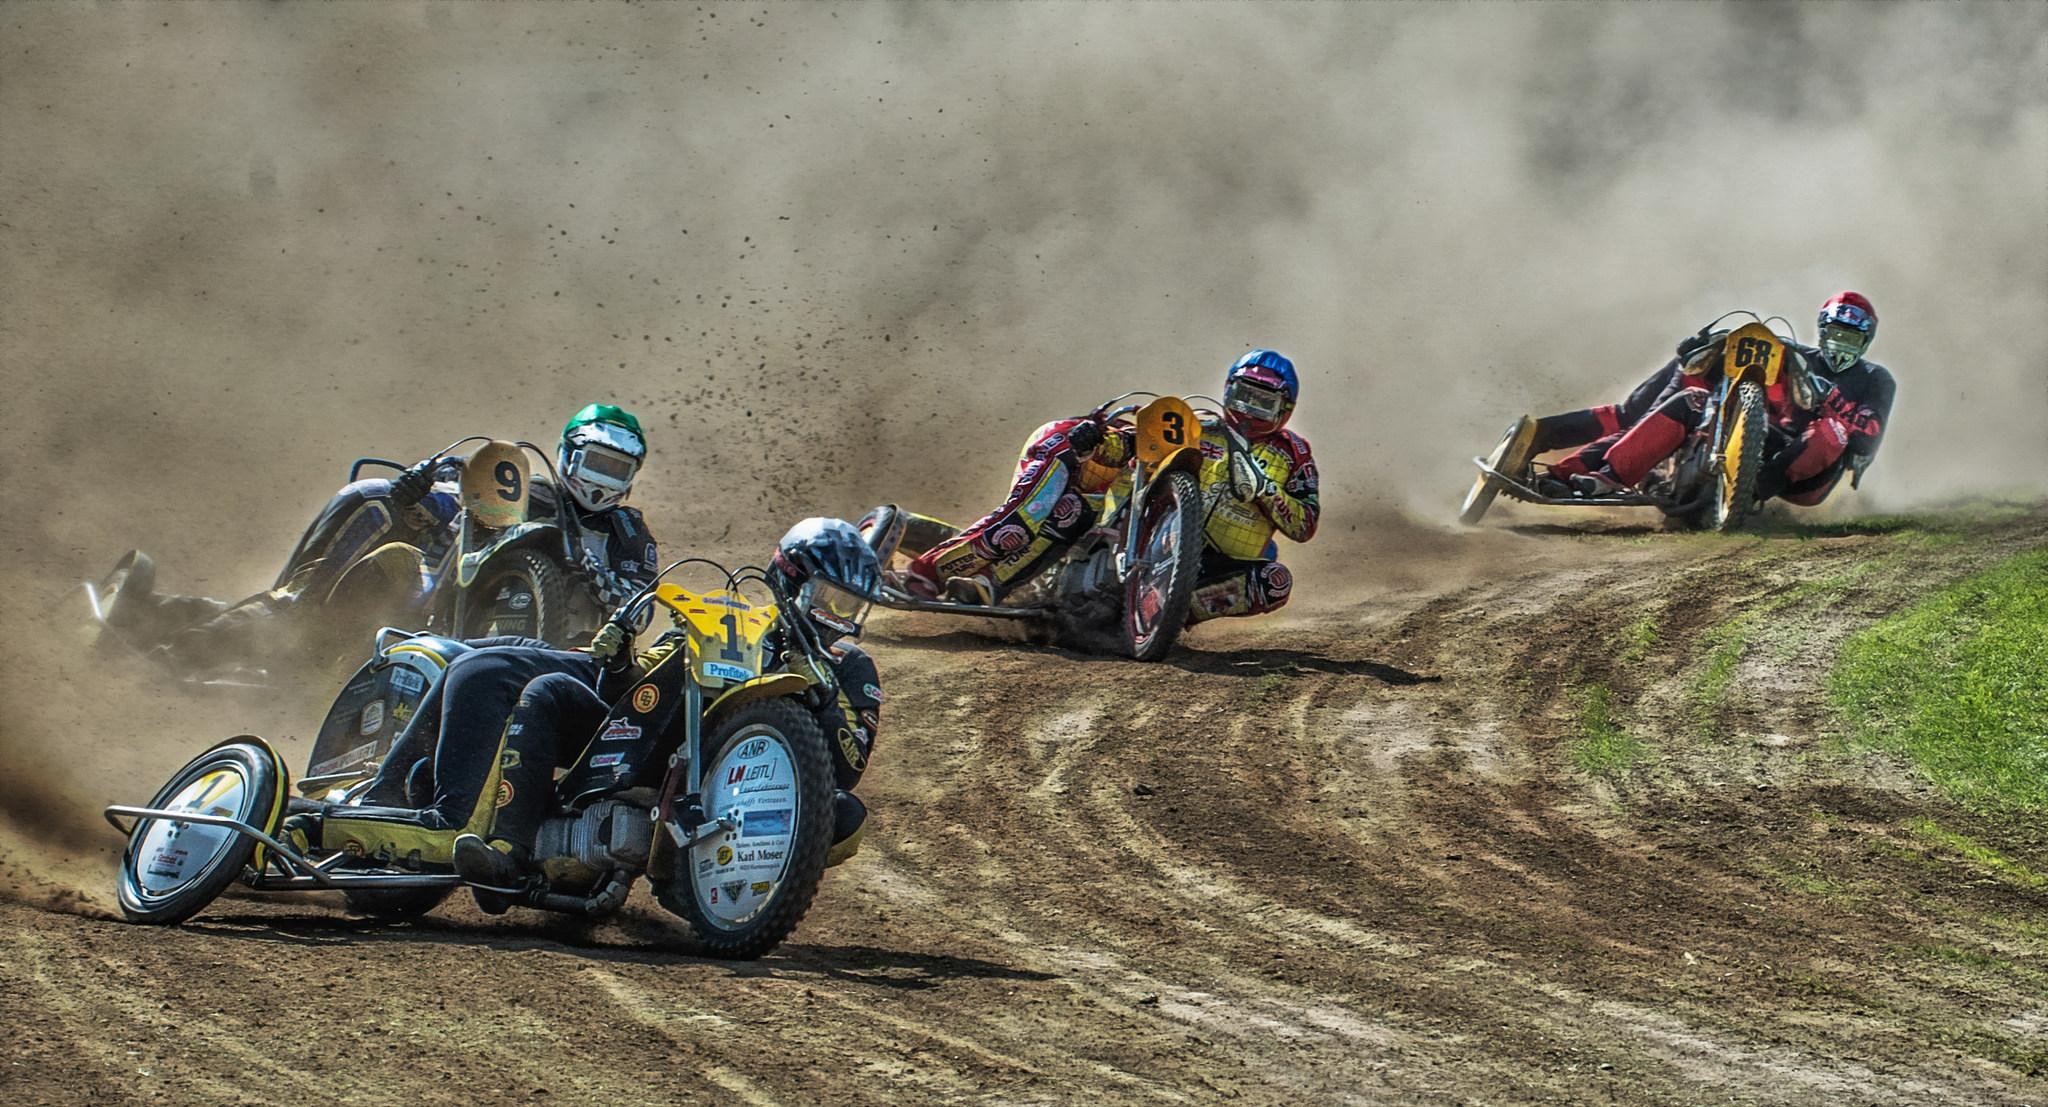 спорт мотоцикл гонка sports motorcycle race  № 3296465 бесплатно